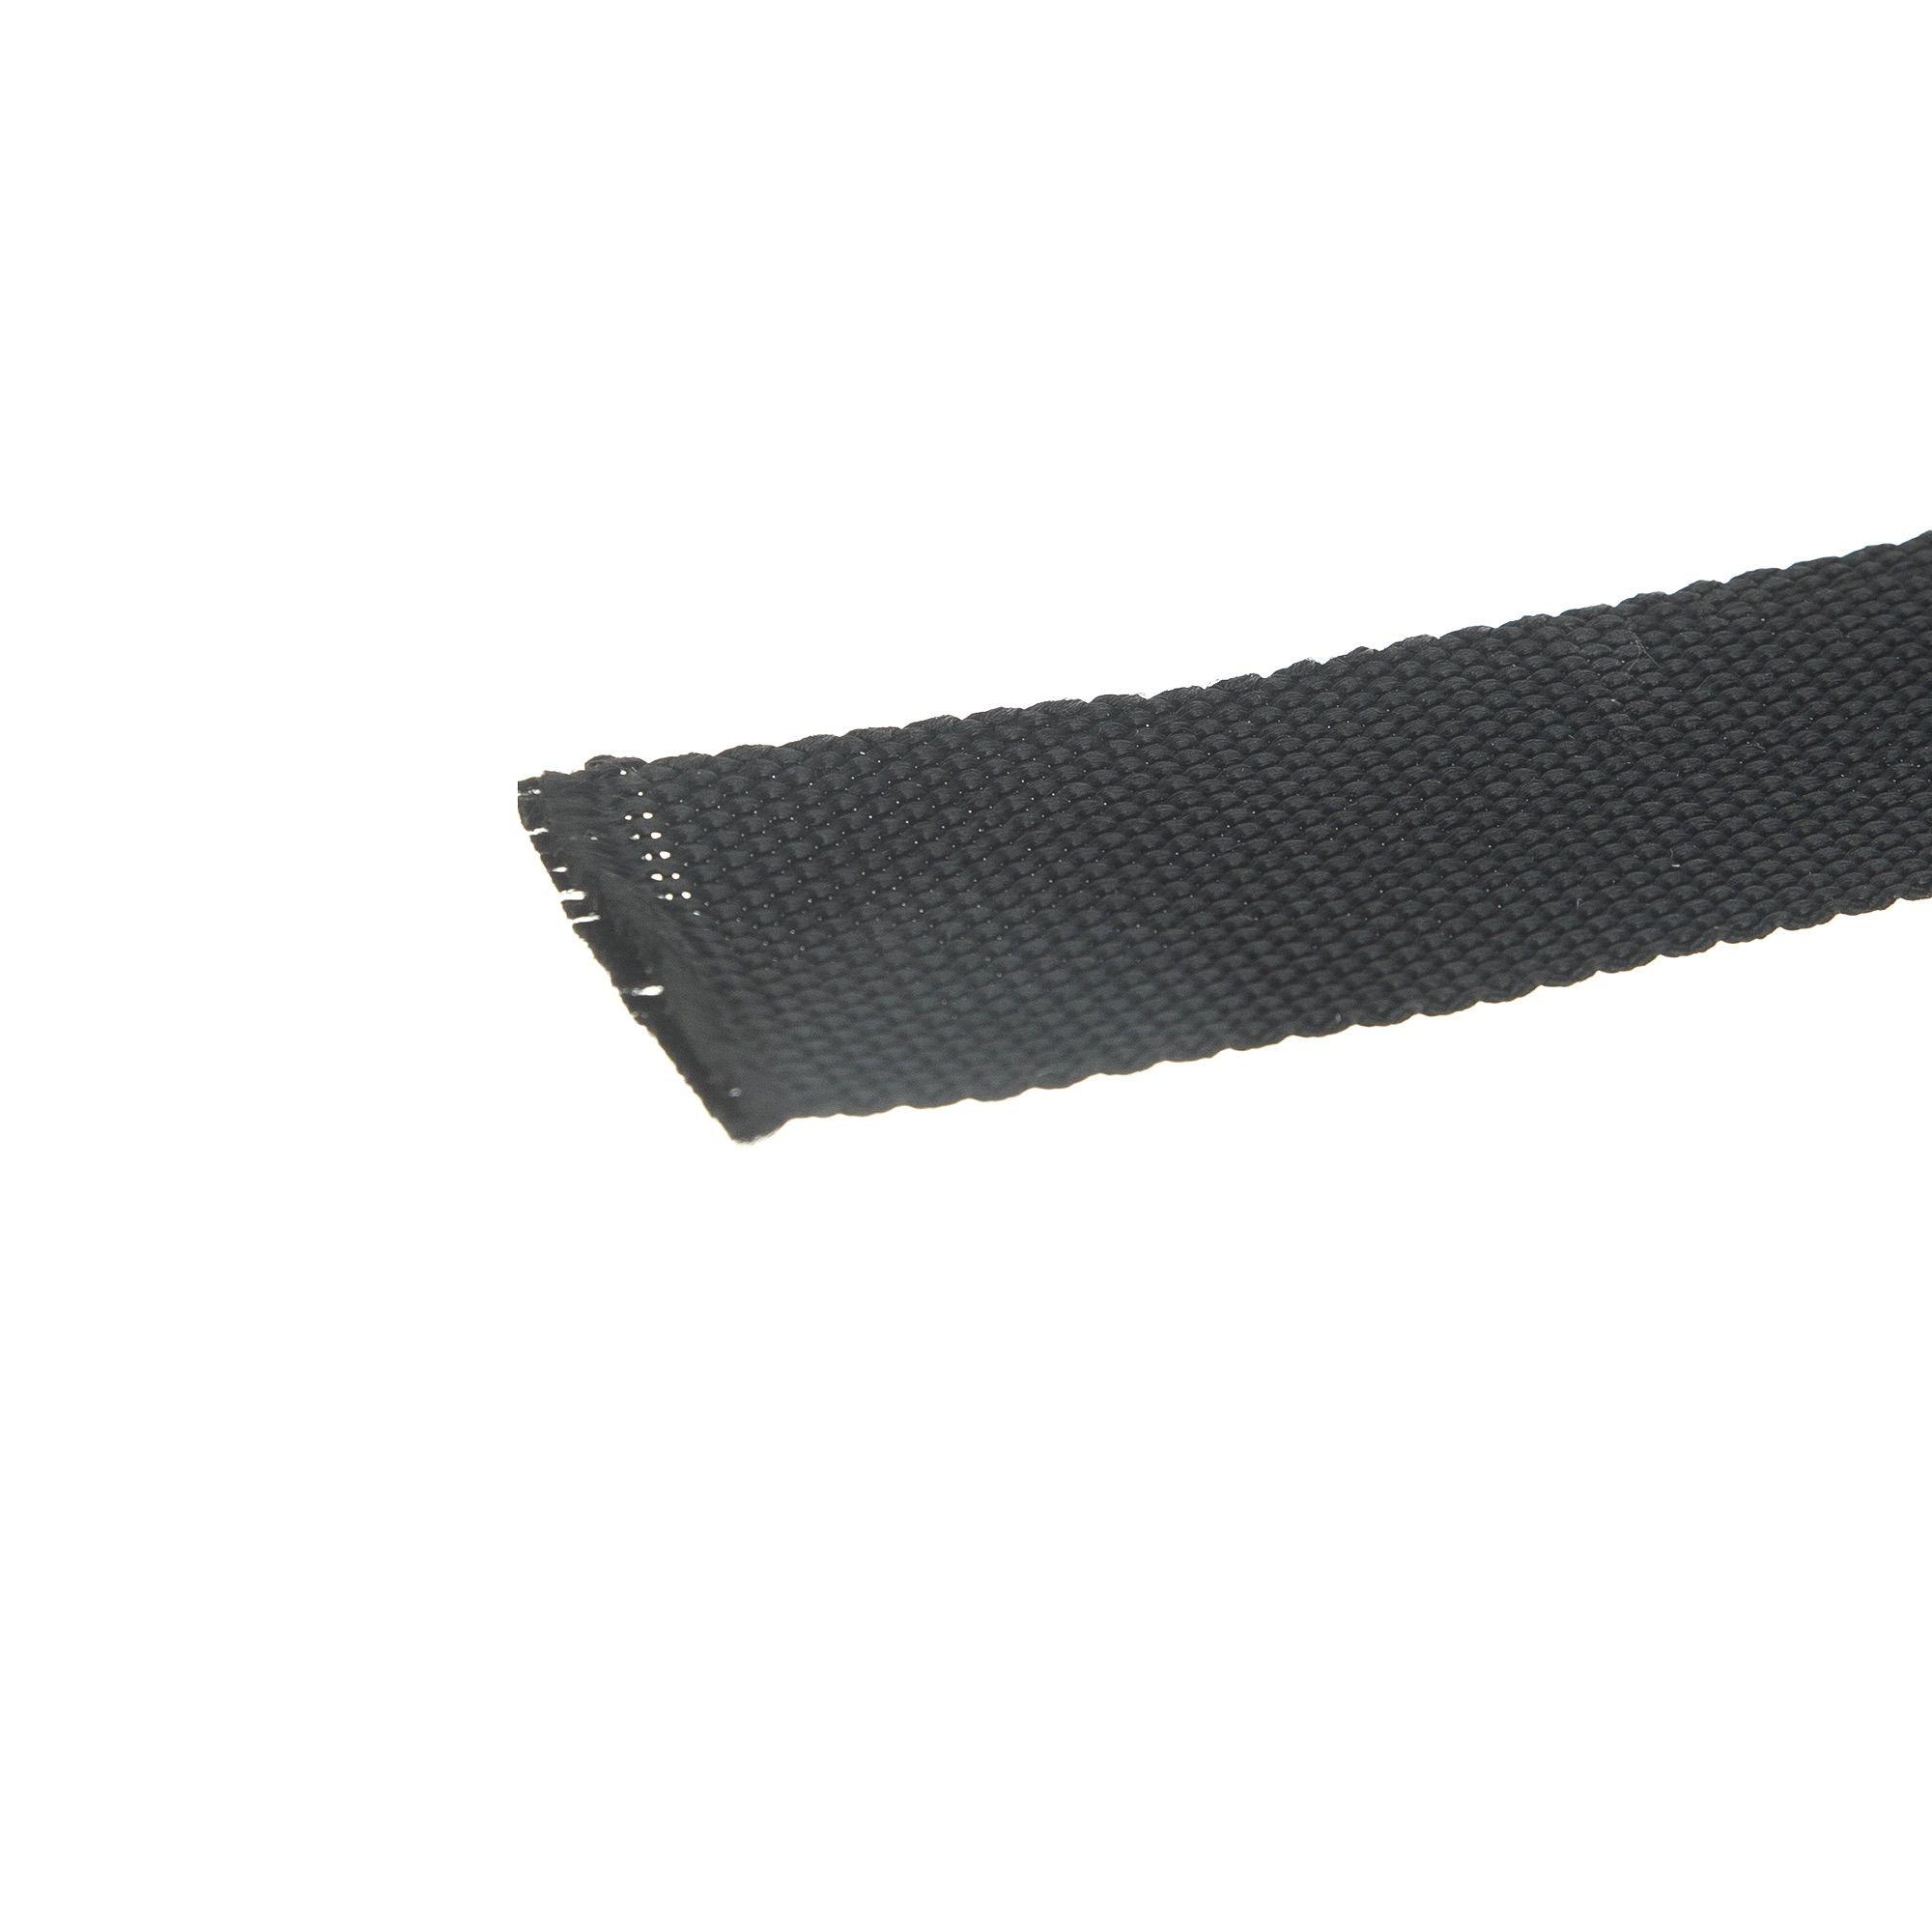 Chinga PP 30 mm 20 m 306 kg m liniar